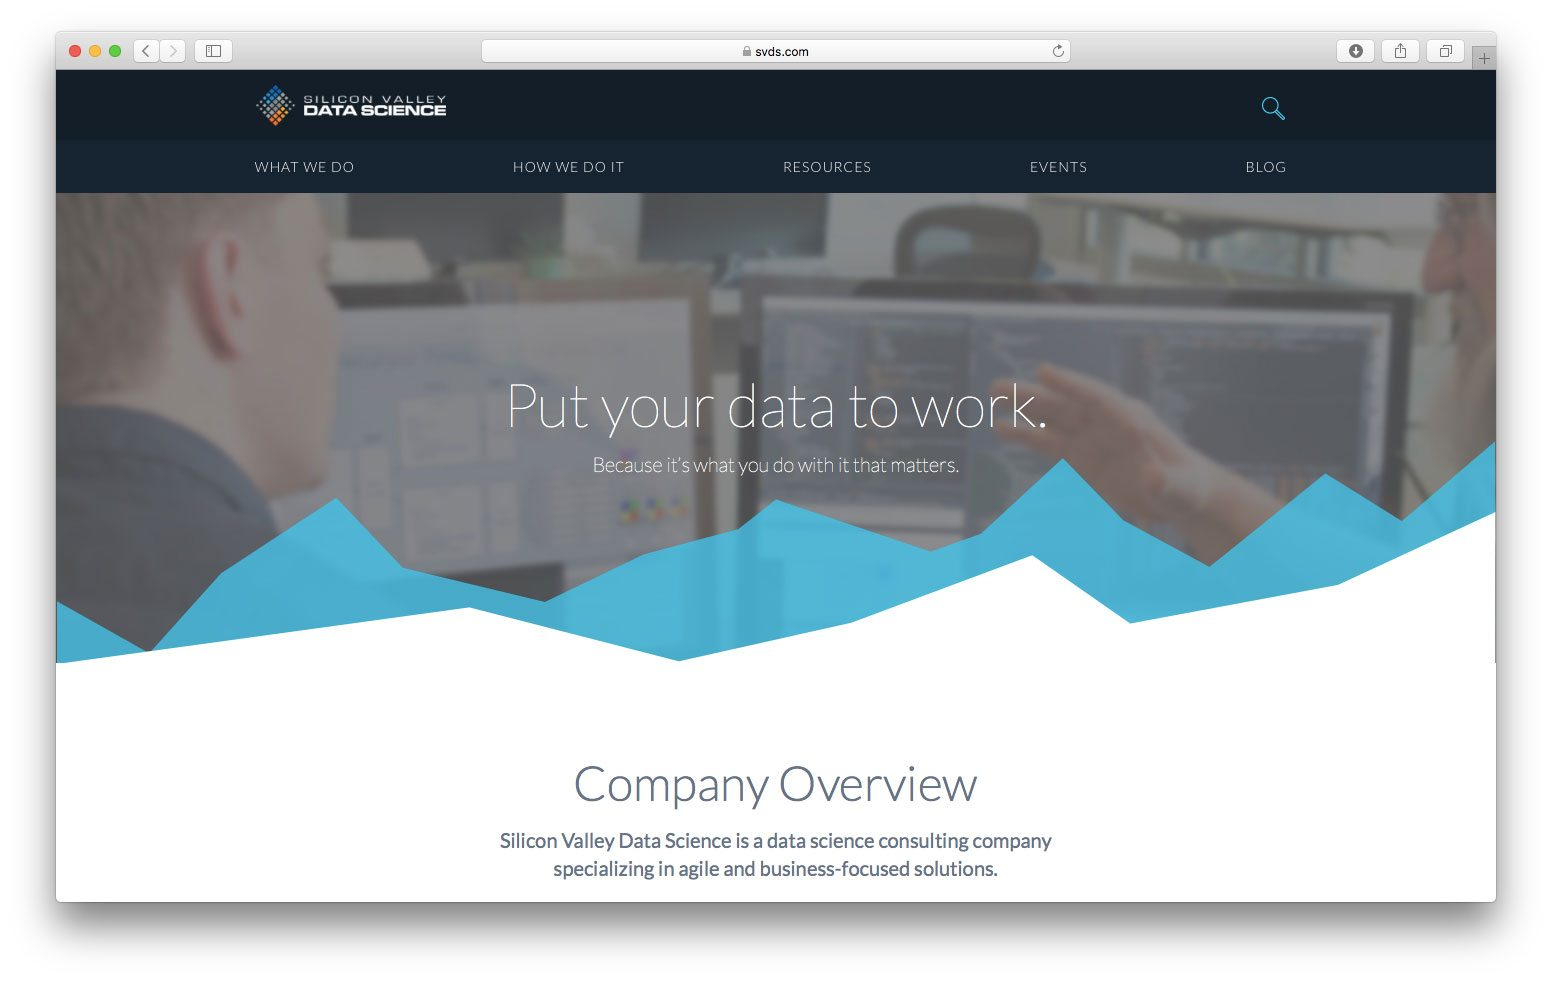 Il sito web di Silicon Valley Data Science (SVDS)